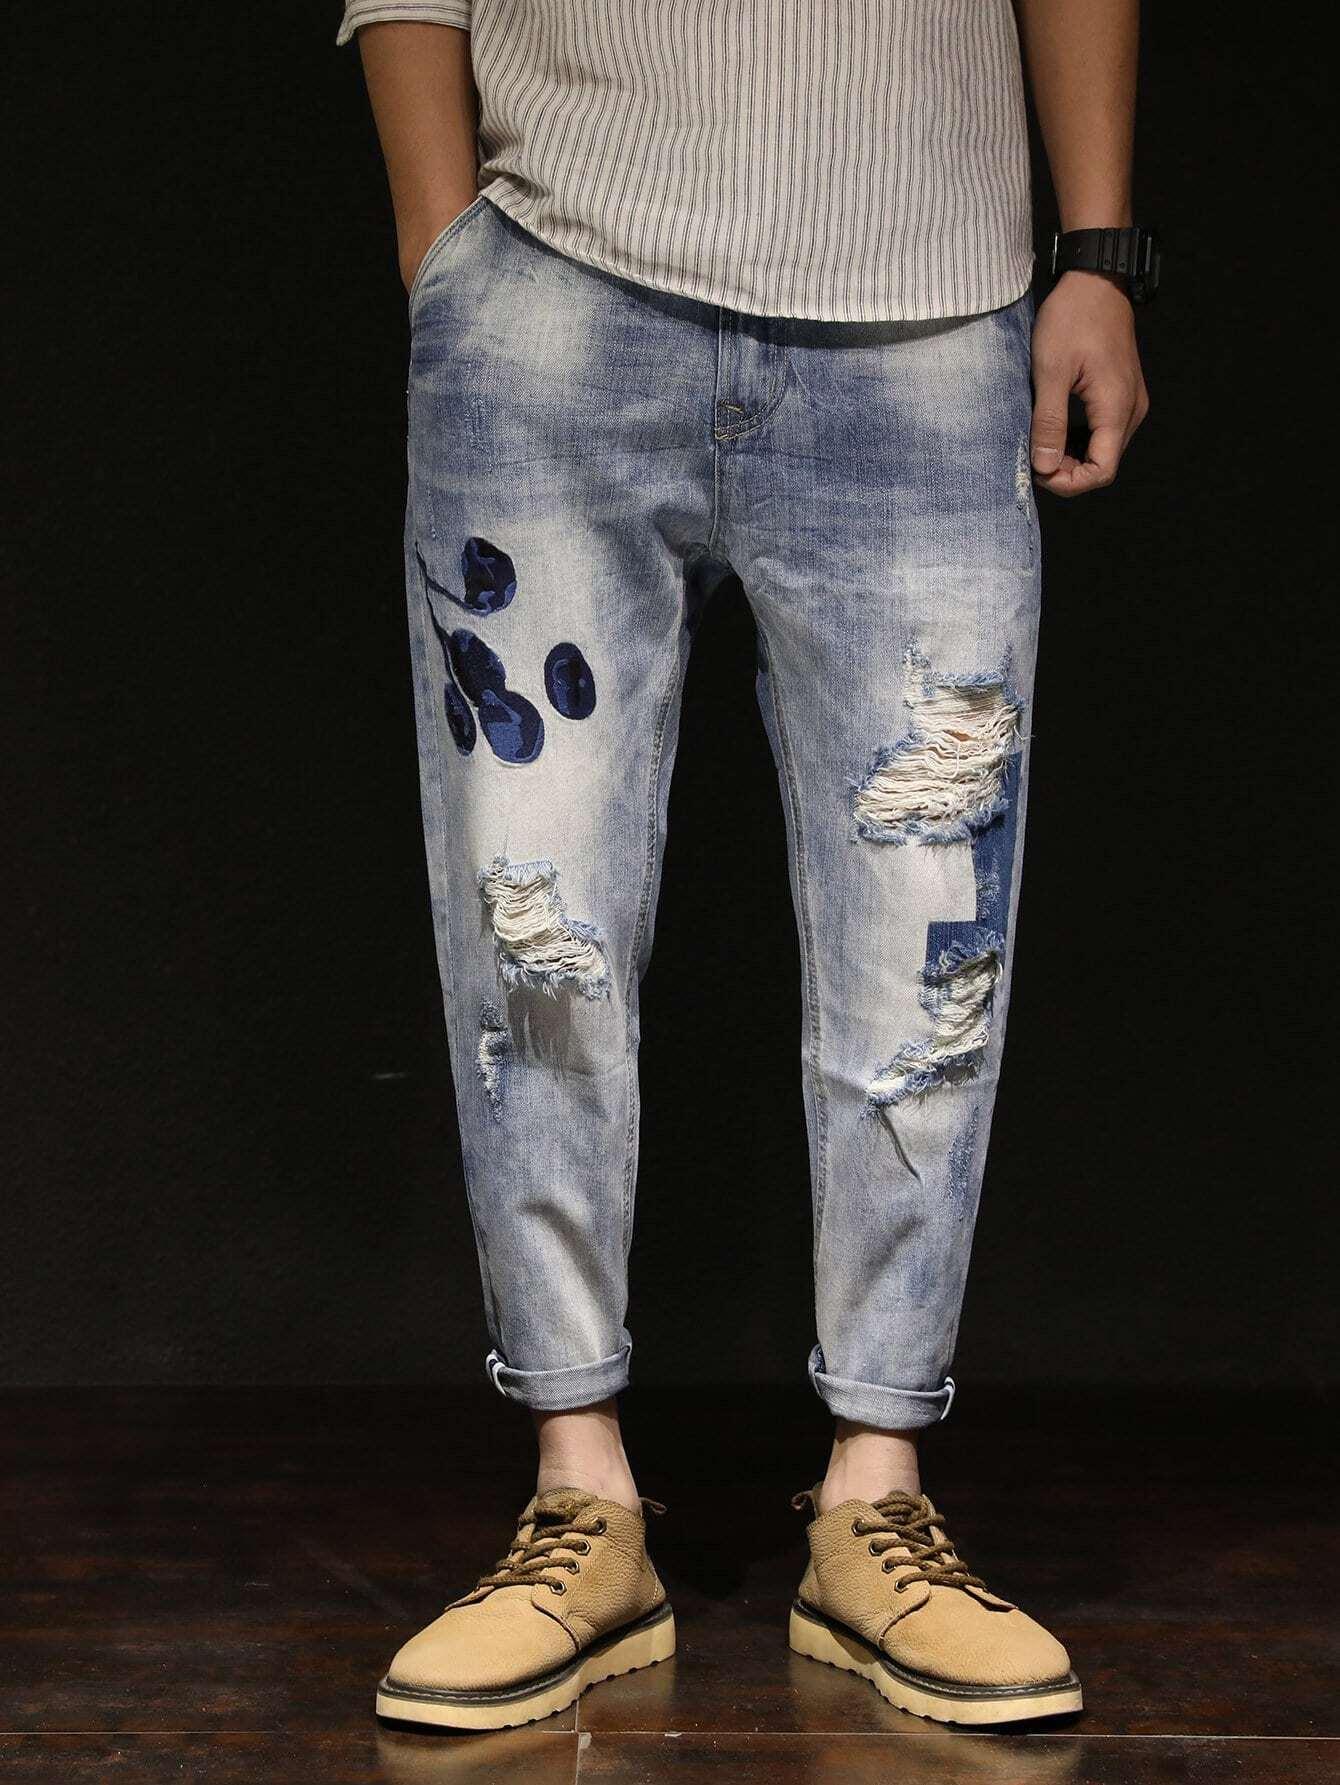 Men Loose Fit Harlem Jeans men s cowboy jeans fashion blue jeans pant men plus sizes regular slim fit denim jean pants male high quality brand jeans